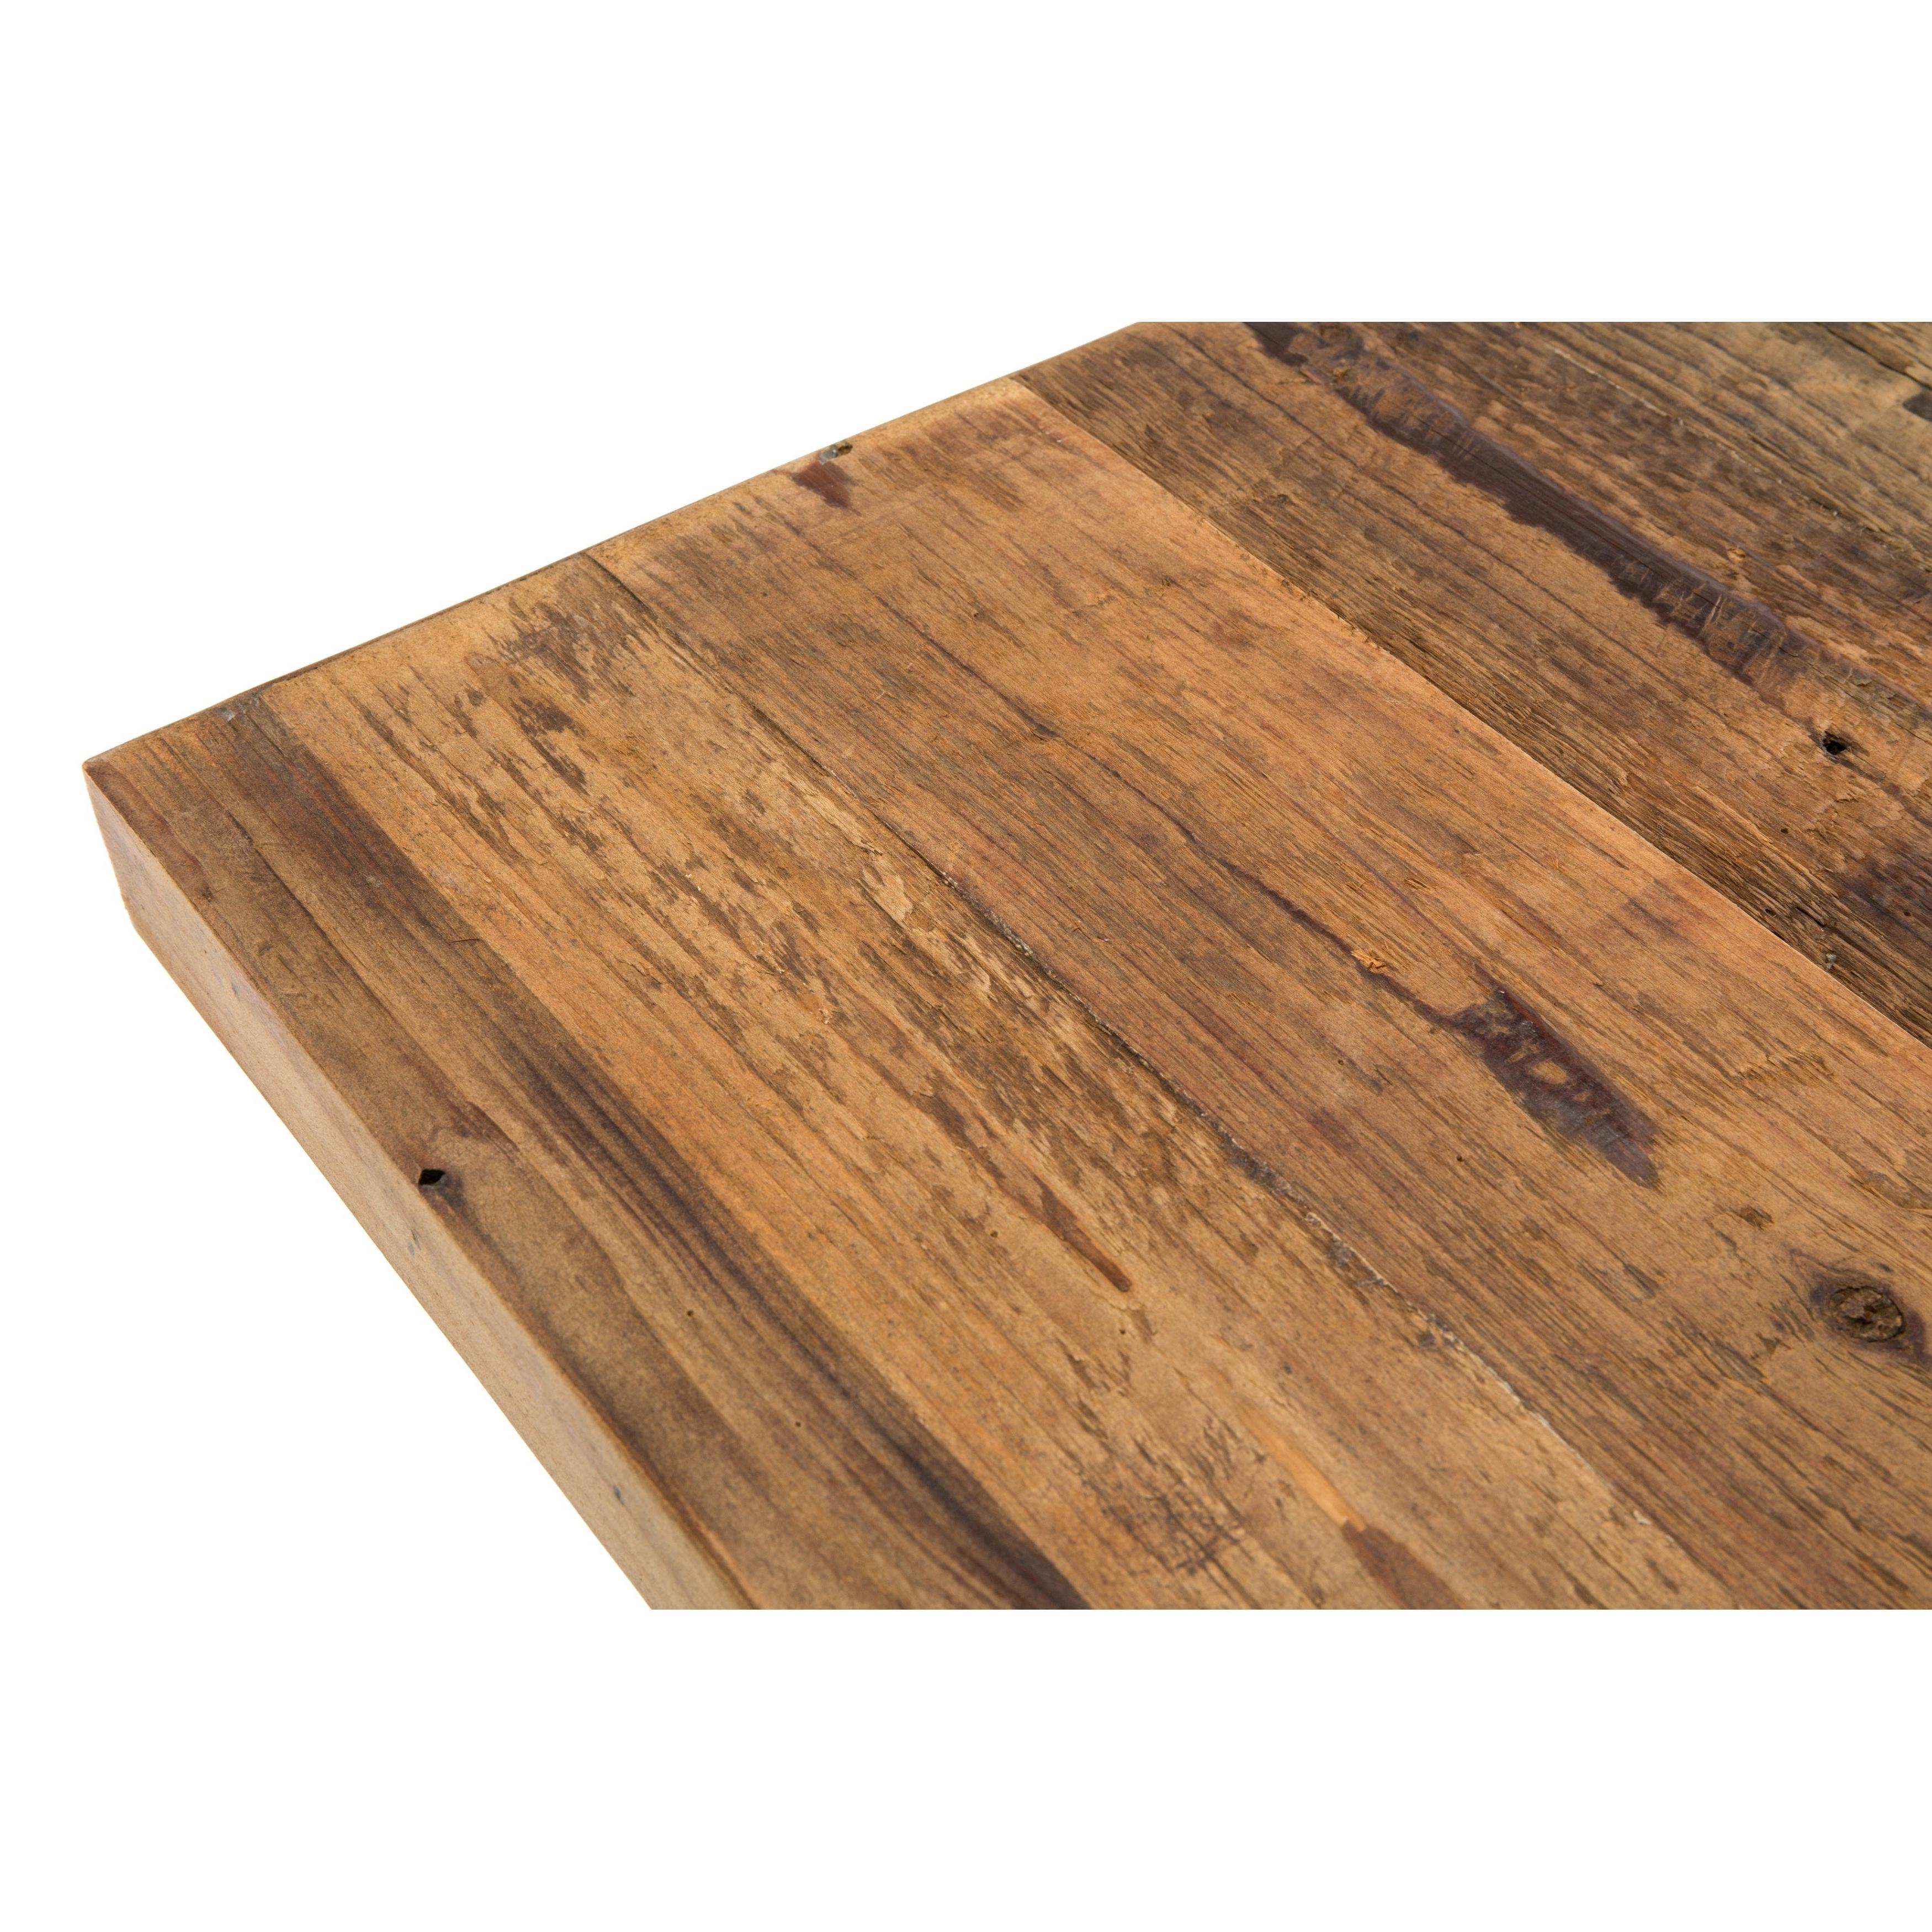 Most Popular Carbon Loft Lee Reclaimed Fir Eastwood Tables Pertaining To Carbon Loft Lee Reclaimed Fir Eastwood Table (View 10 of 20)